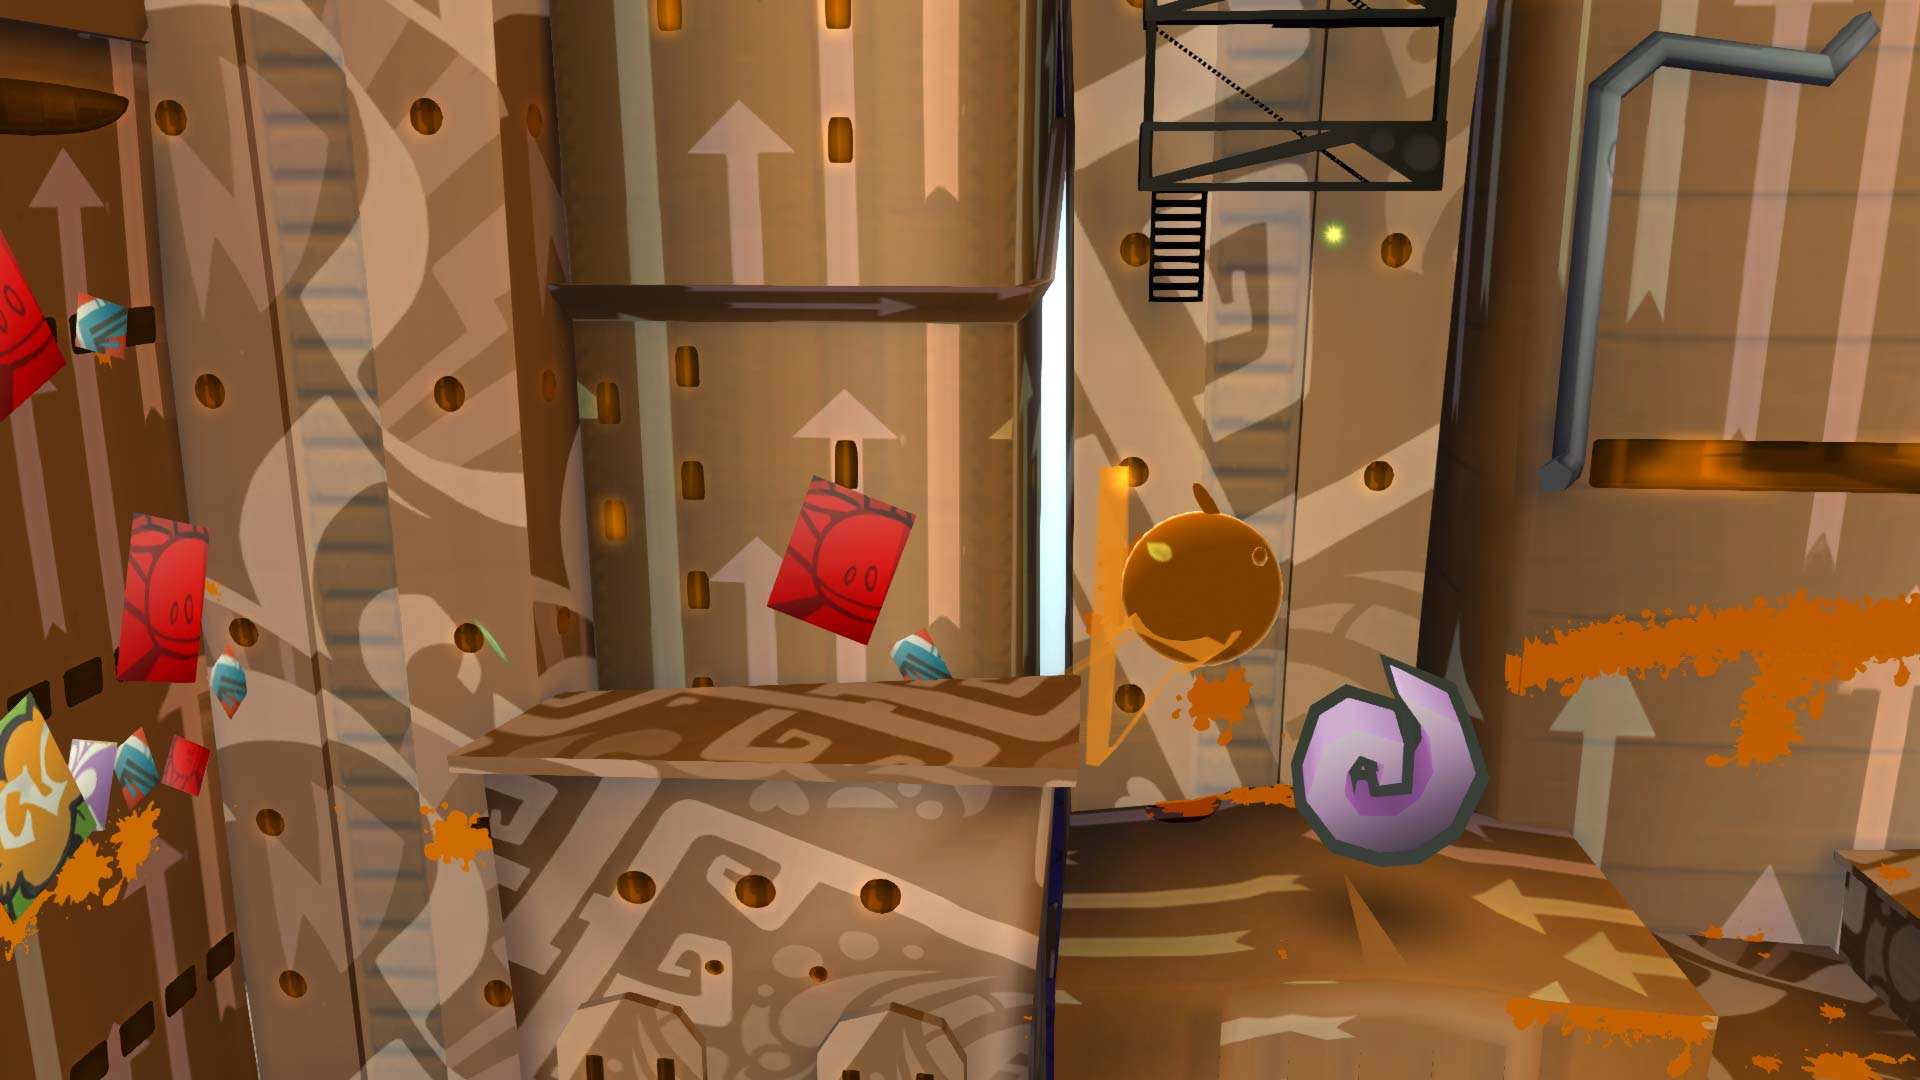 de Blob скриншот 1